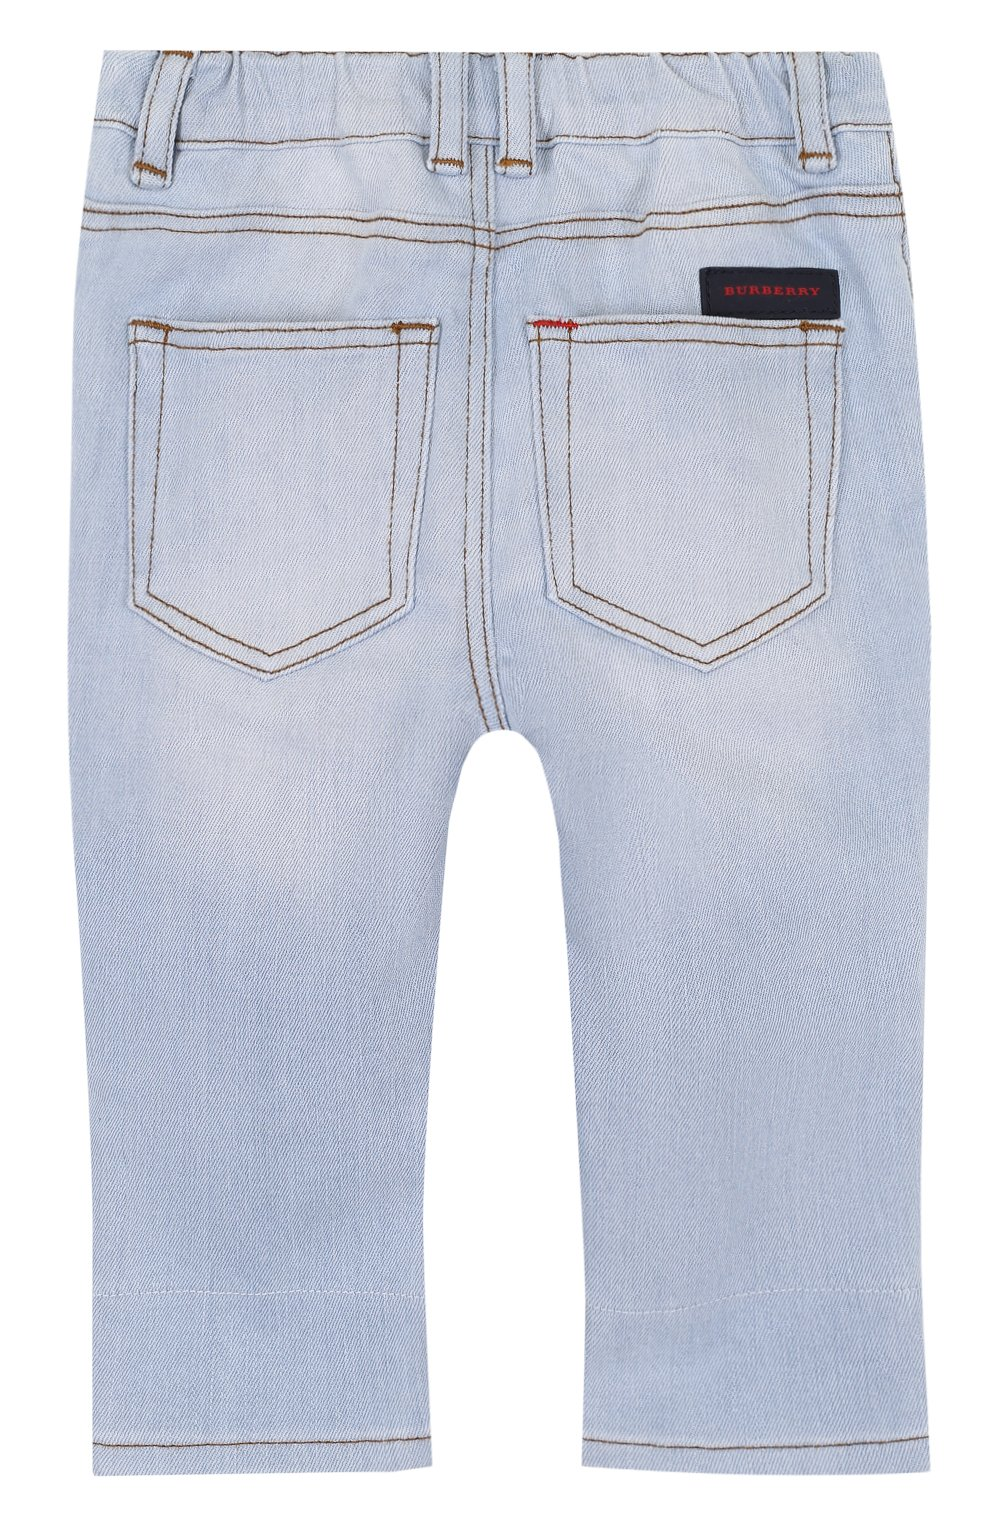 Детские джинсы с эластичной вставкой на поясе и прострочкой BURBERRY голубого цвета, арт. 4063588   Фото 2